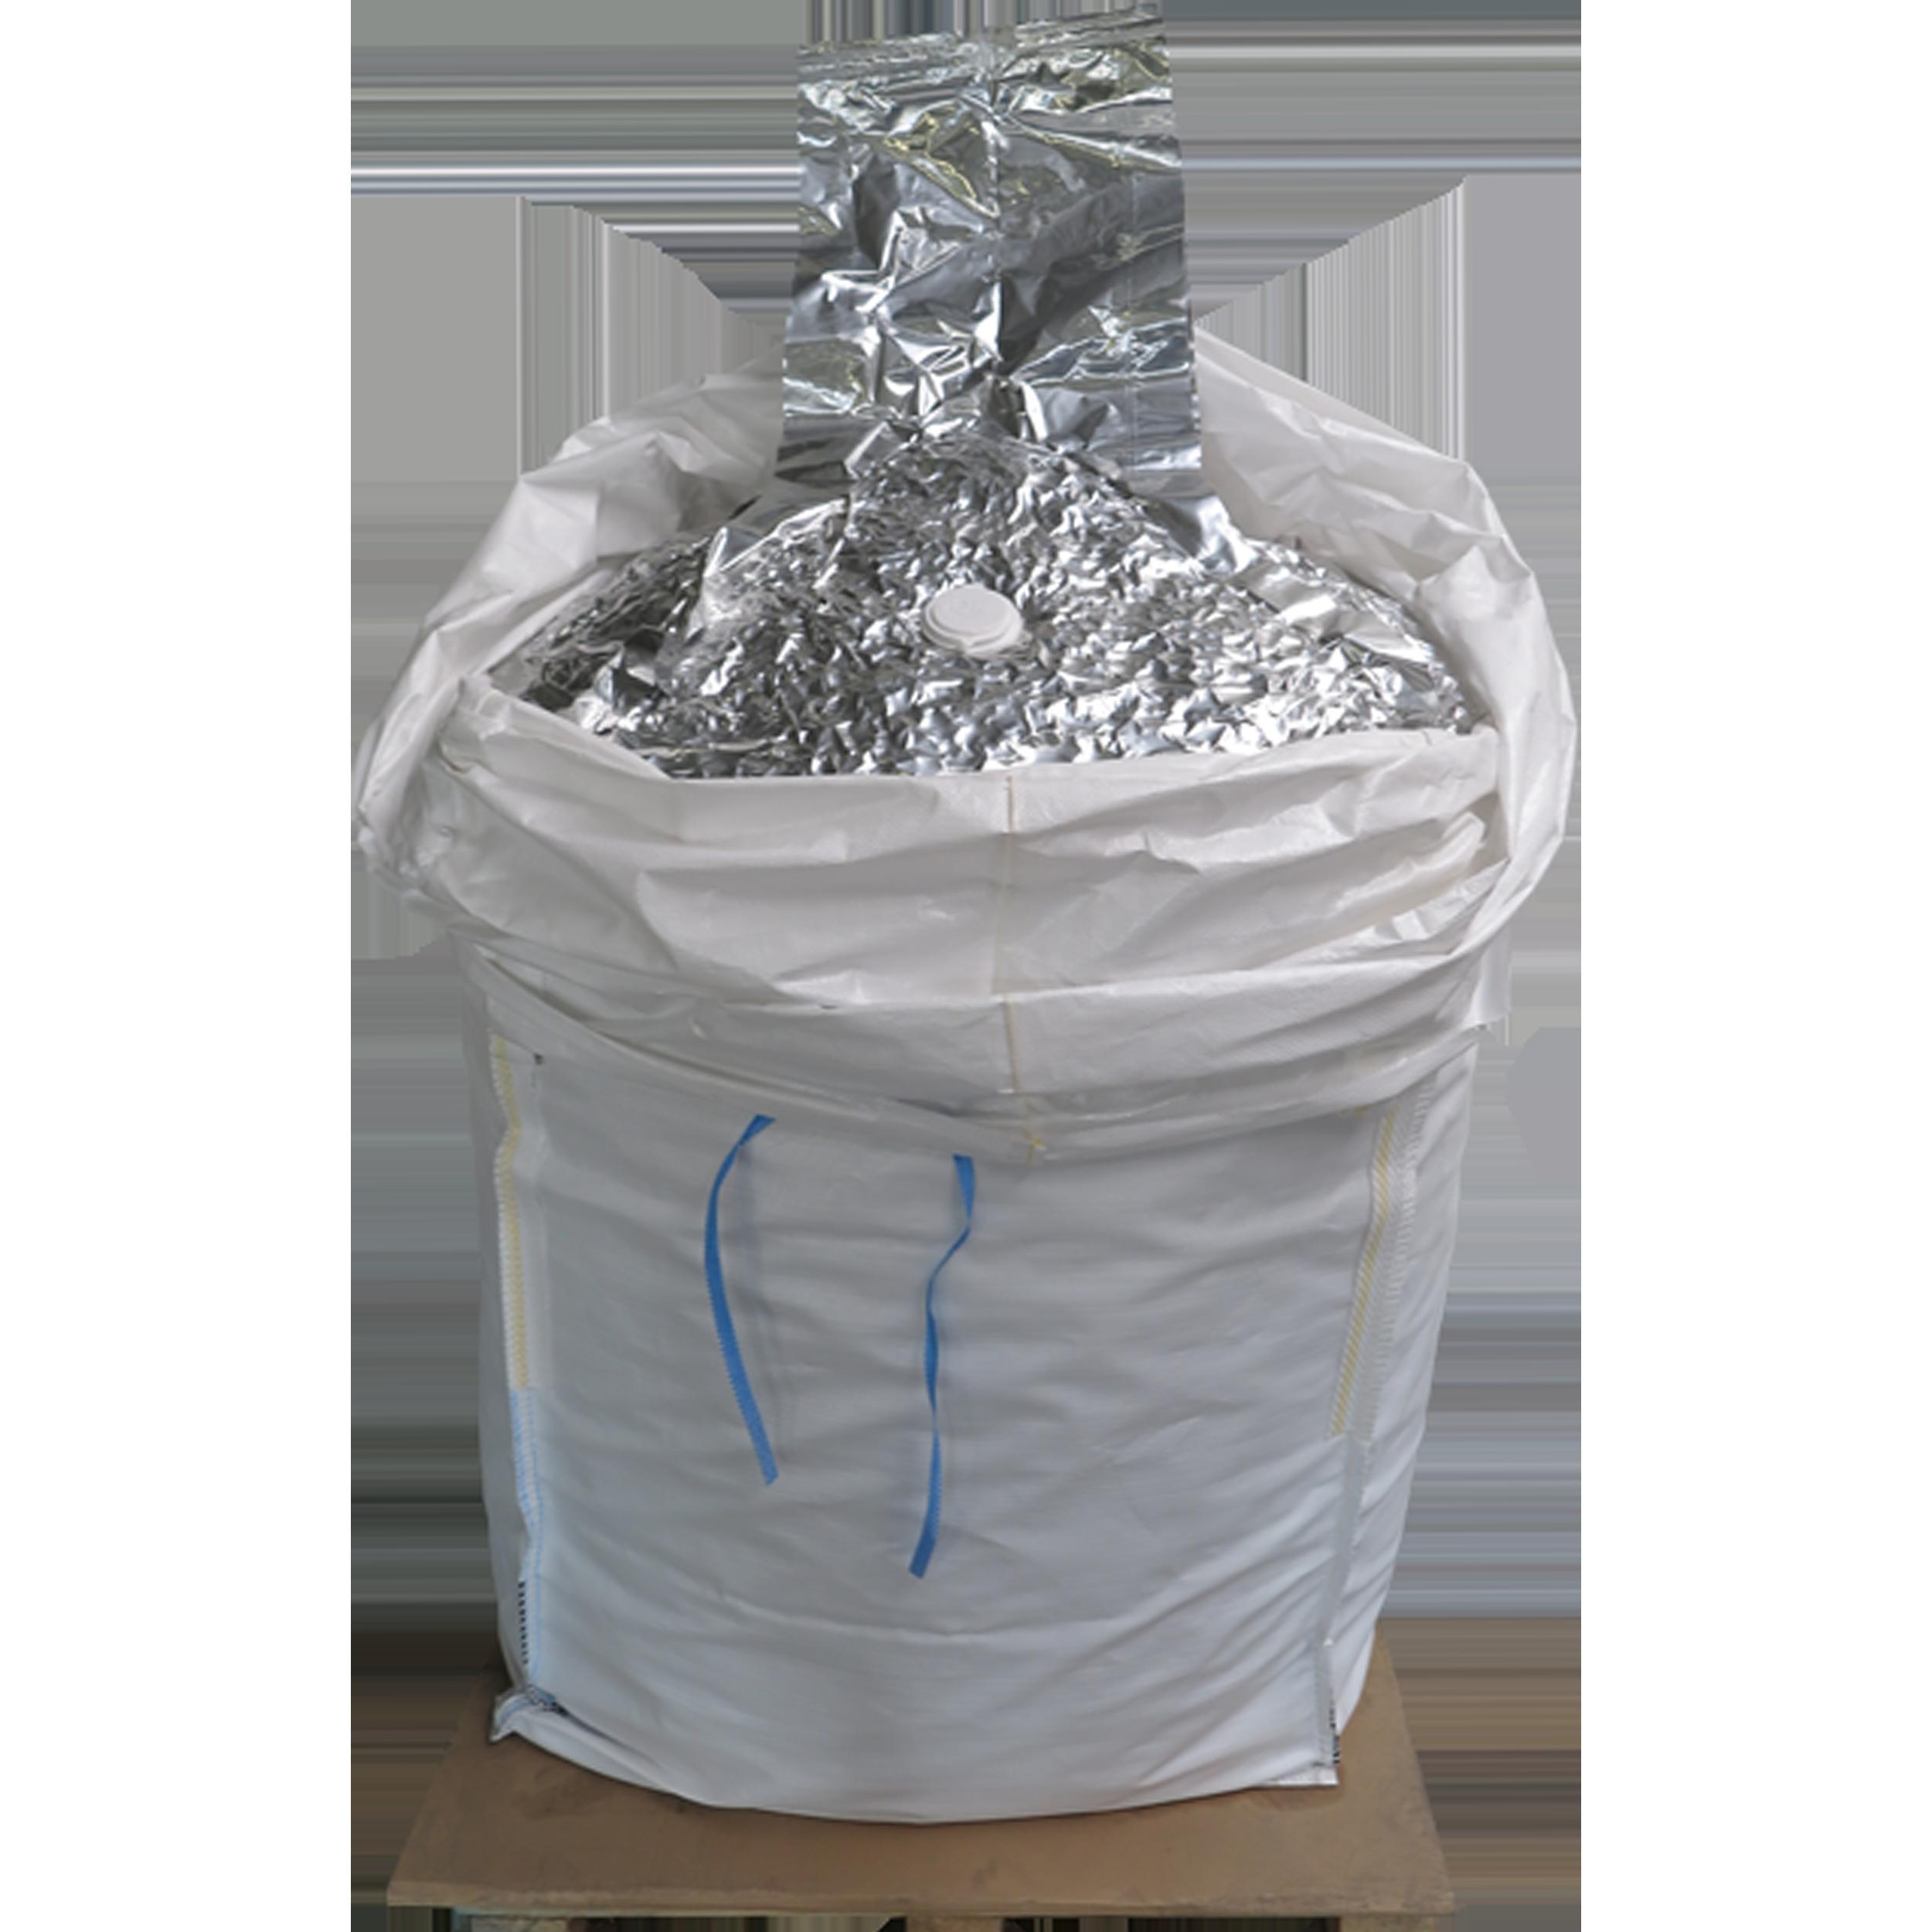 vQm - FIBC Aluminum liner